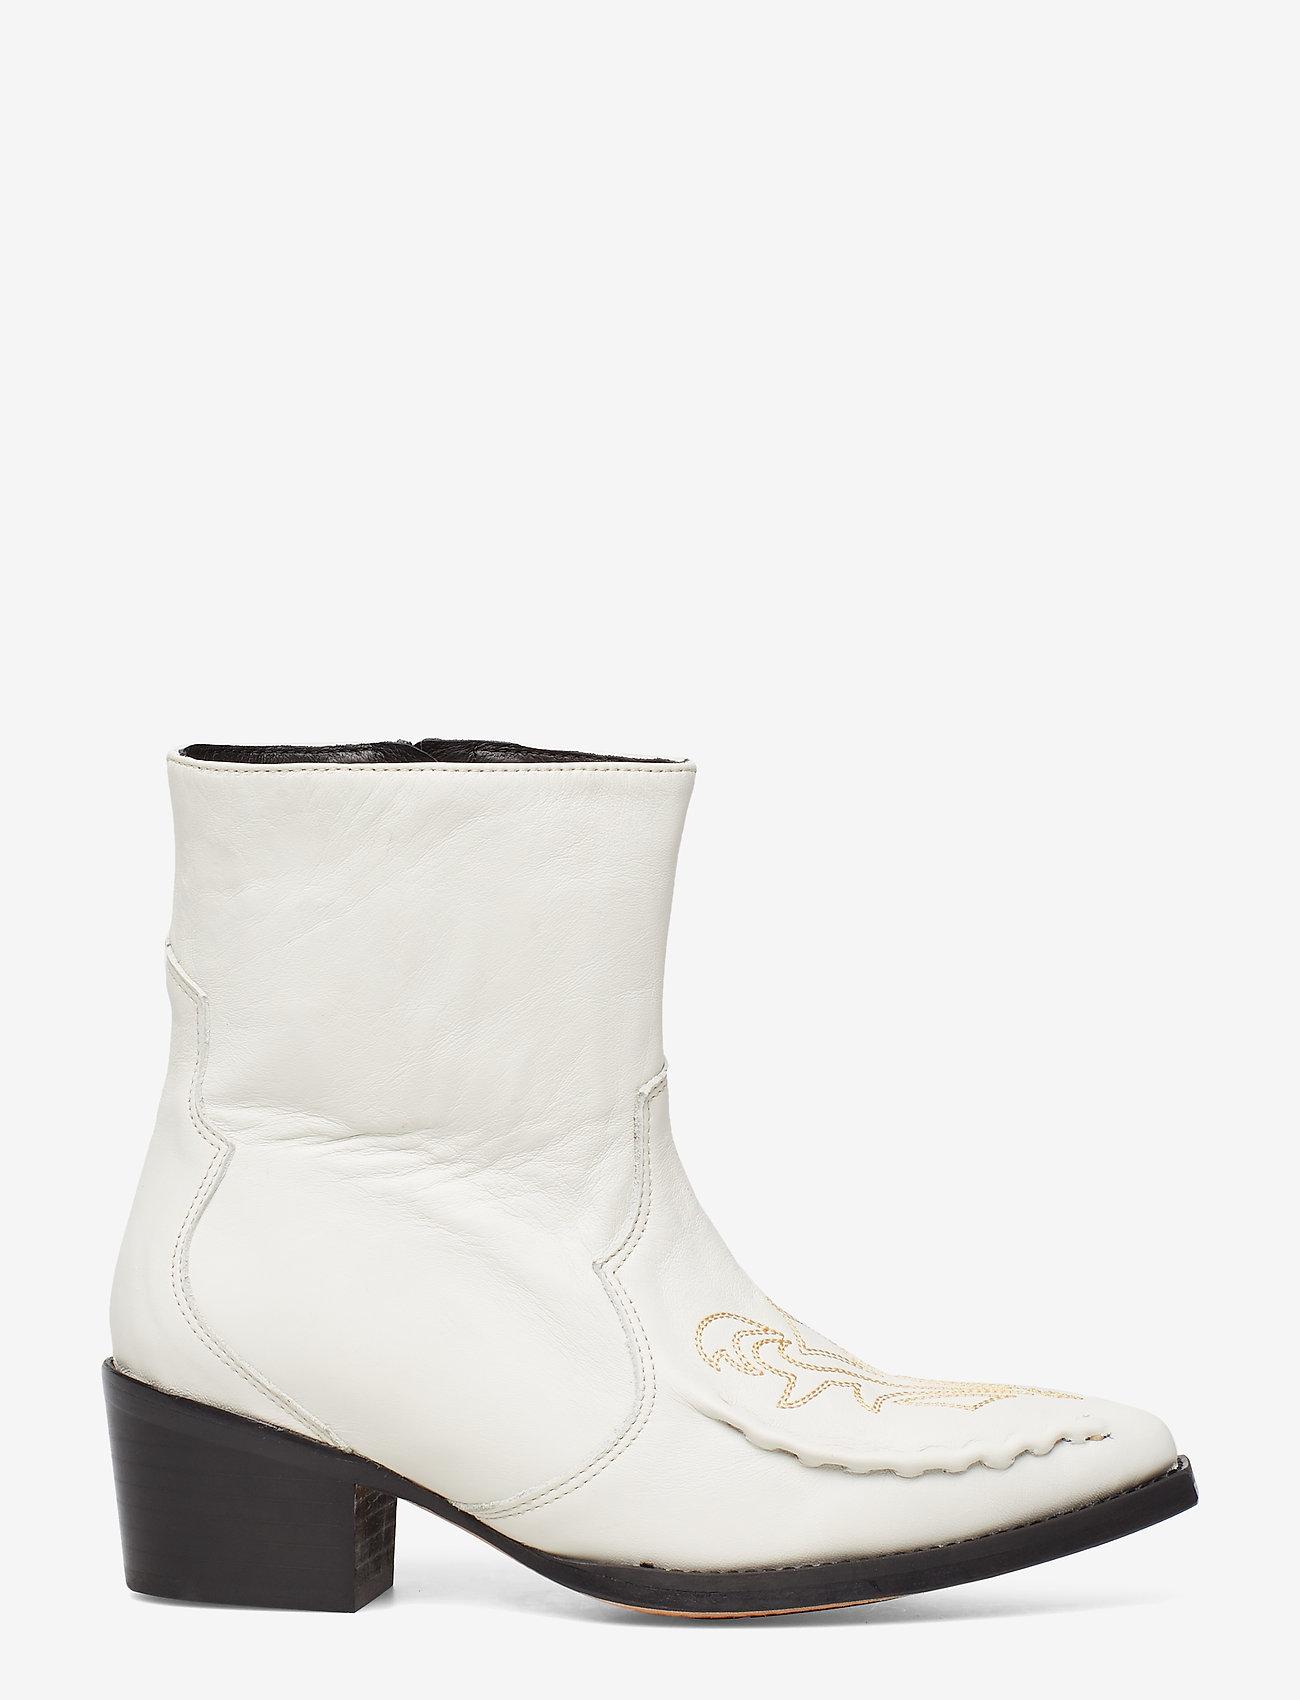 Emeliagz Boots Ao19 (Rainy Day) - Gestuz nnnTqi